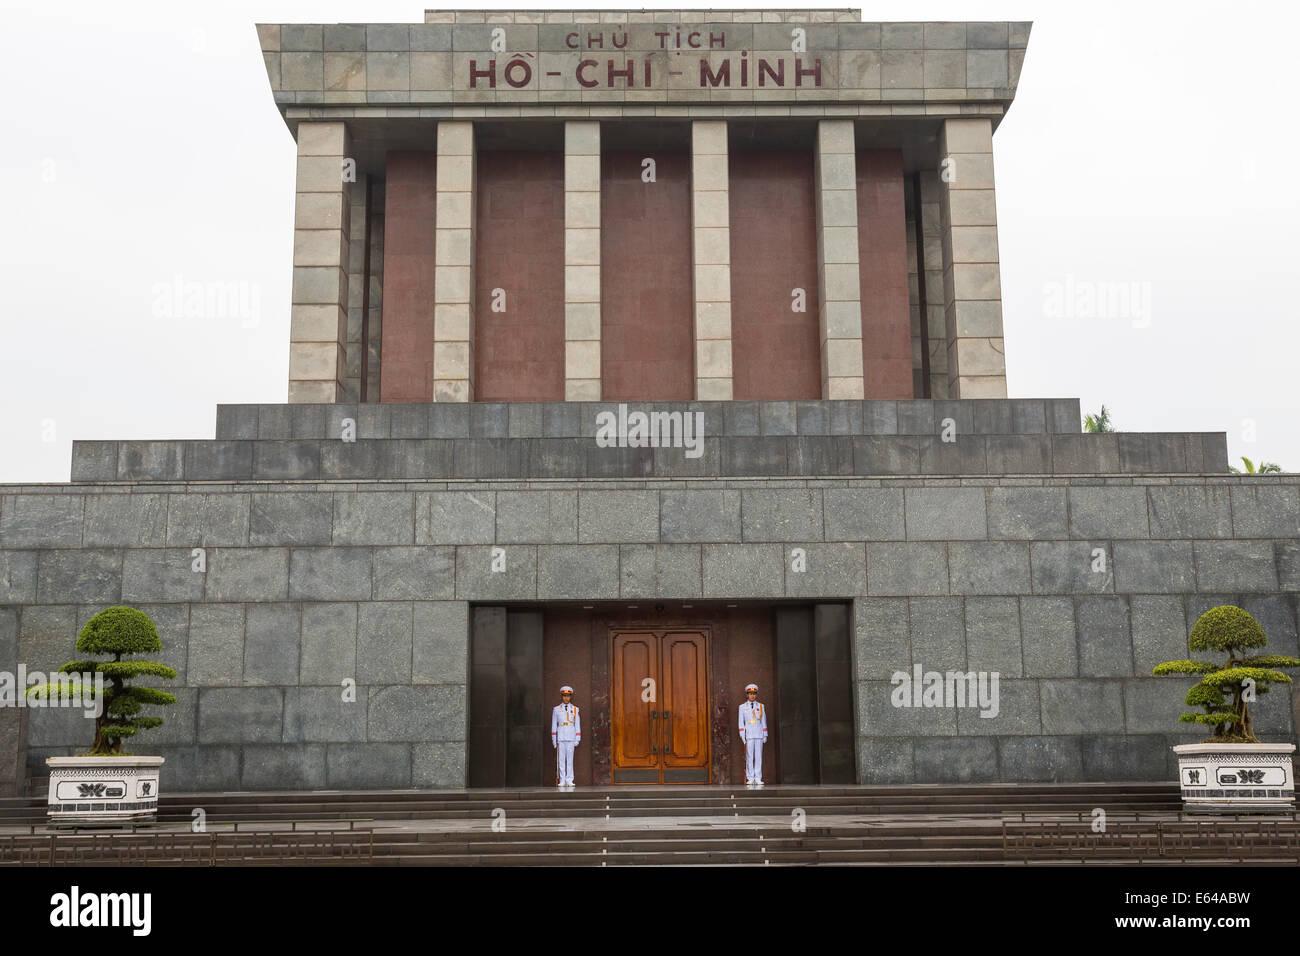 Il Mausoleo di Ho Chi Minh & protezioni, Hanoi Vietnam Immagini Stock